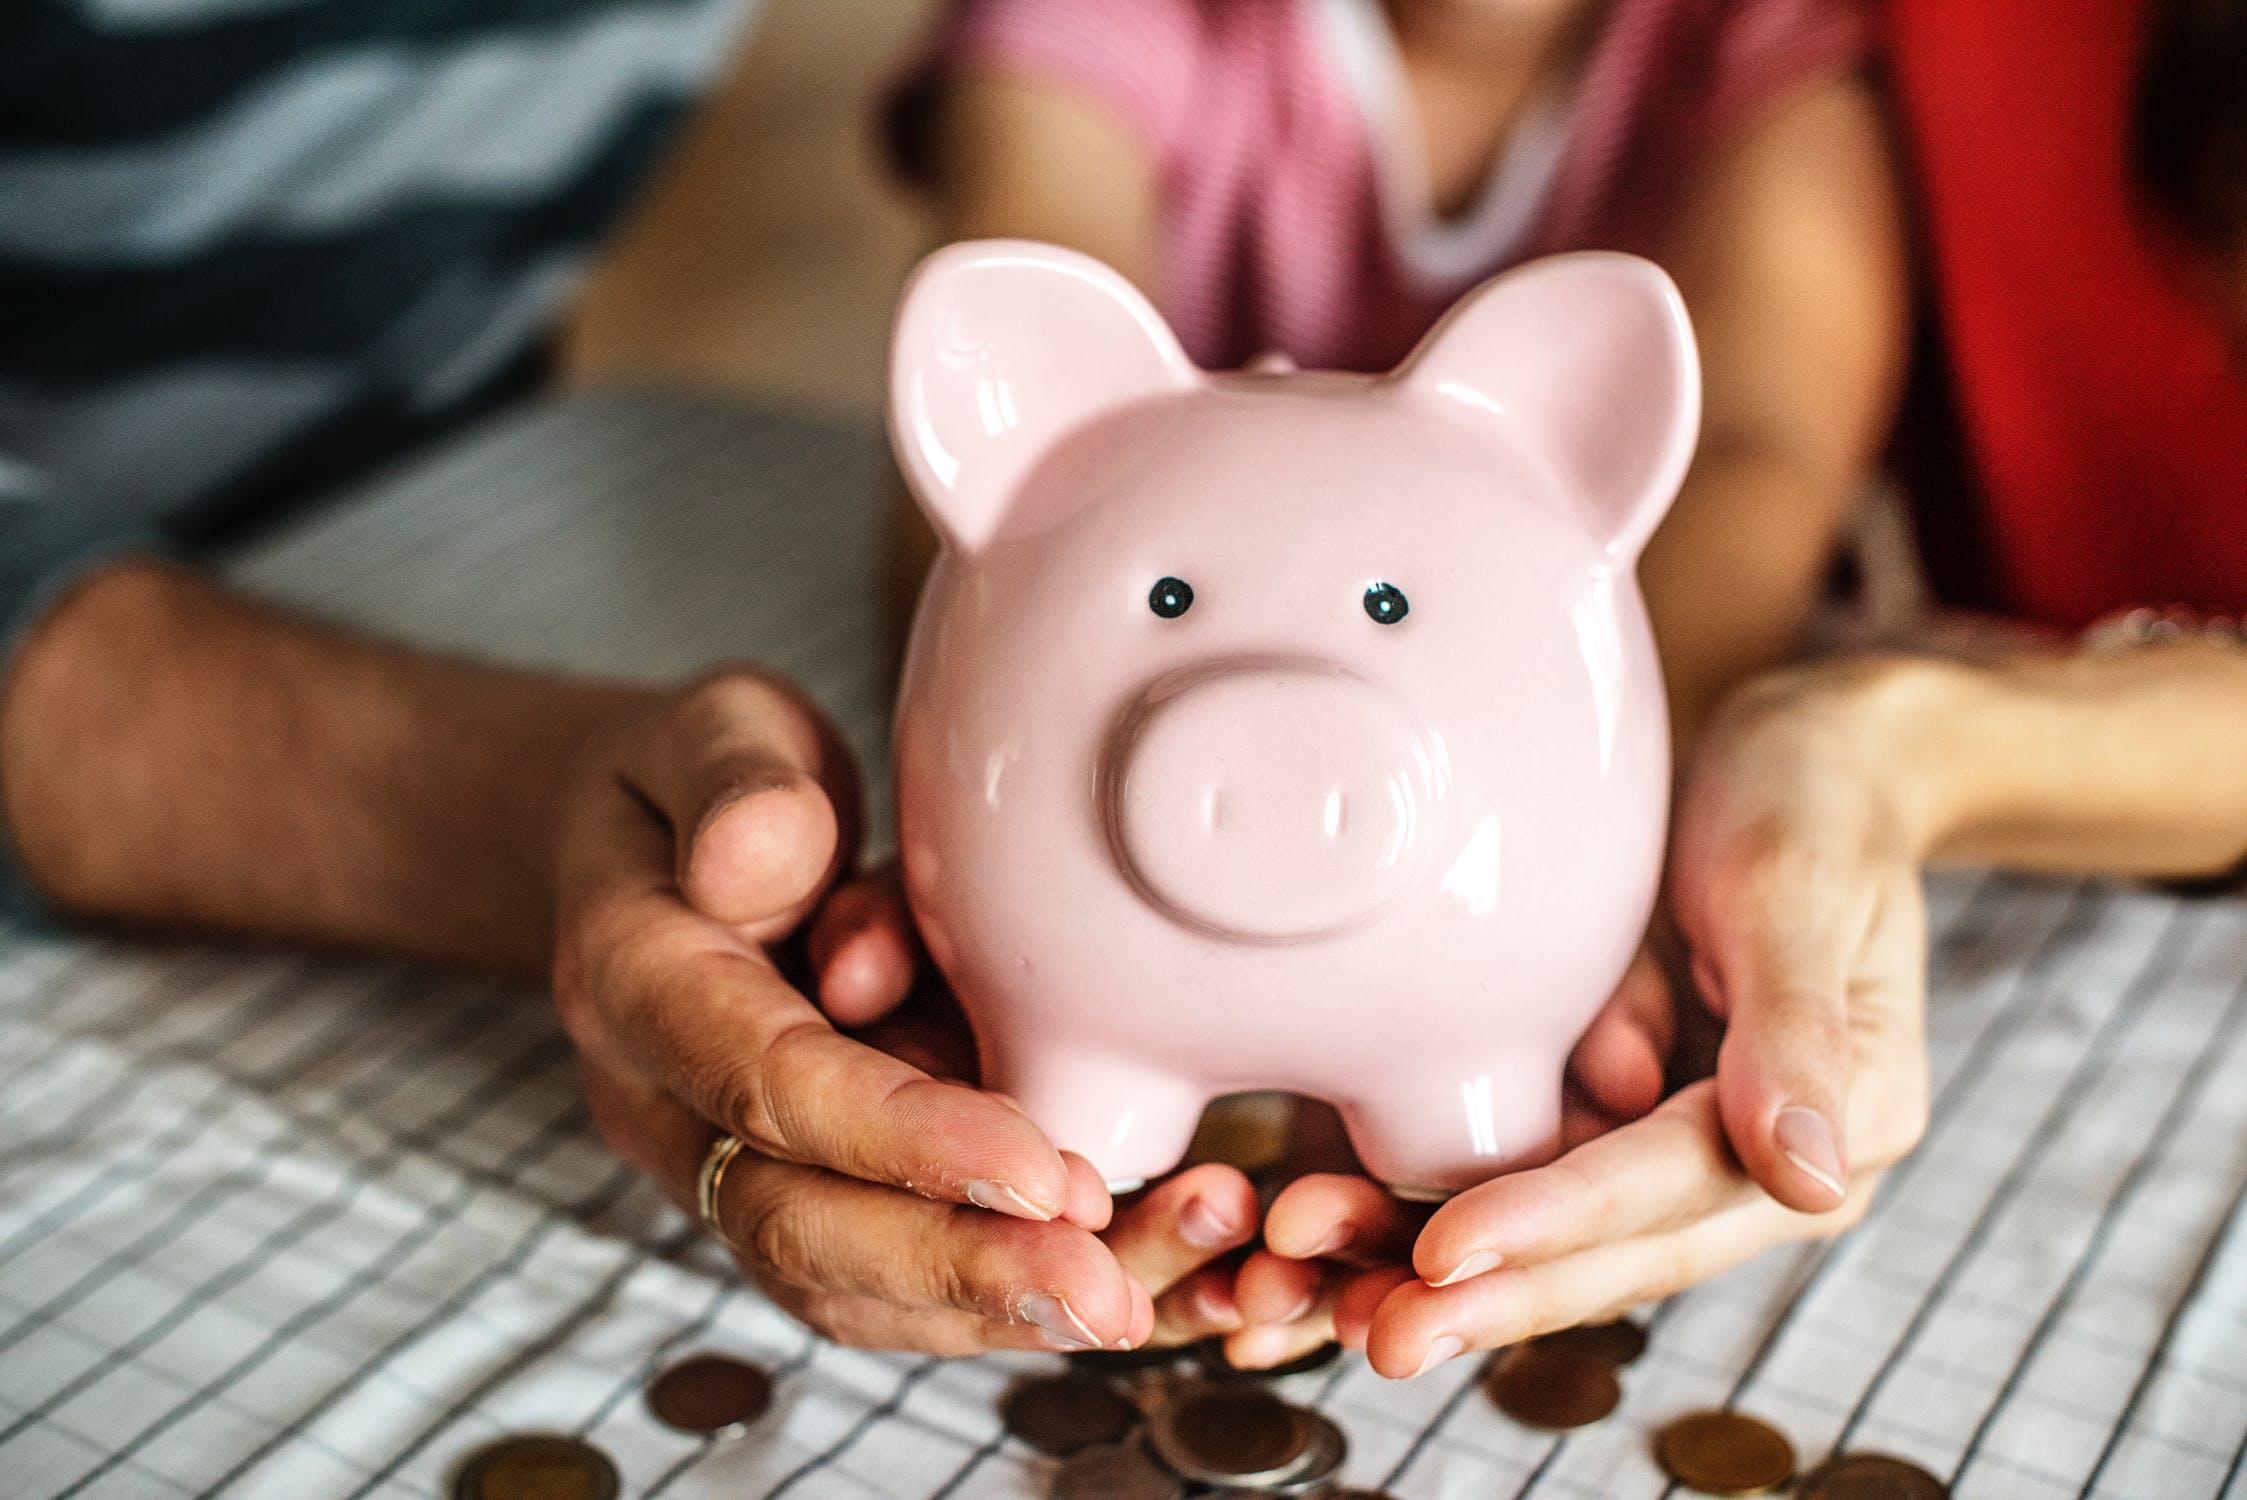 7 vienkārši veidi, kā ātri nopelnīt naudu Gandrīz vai nav nepieciešami ieguldījumi